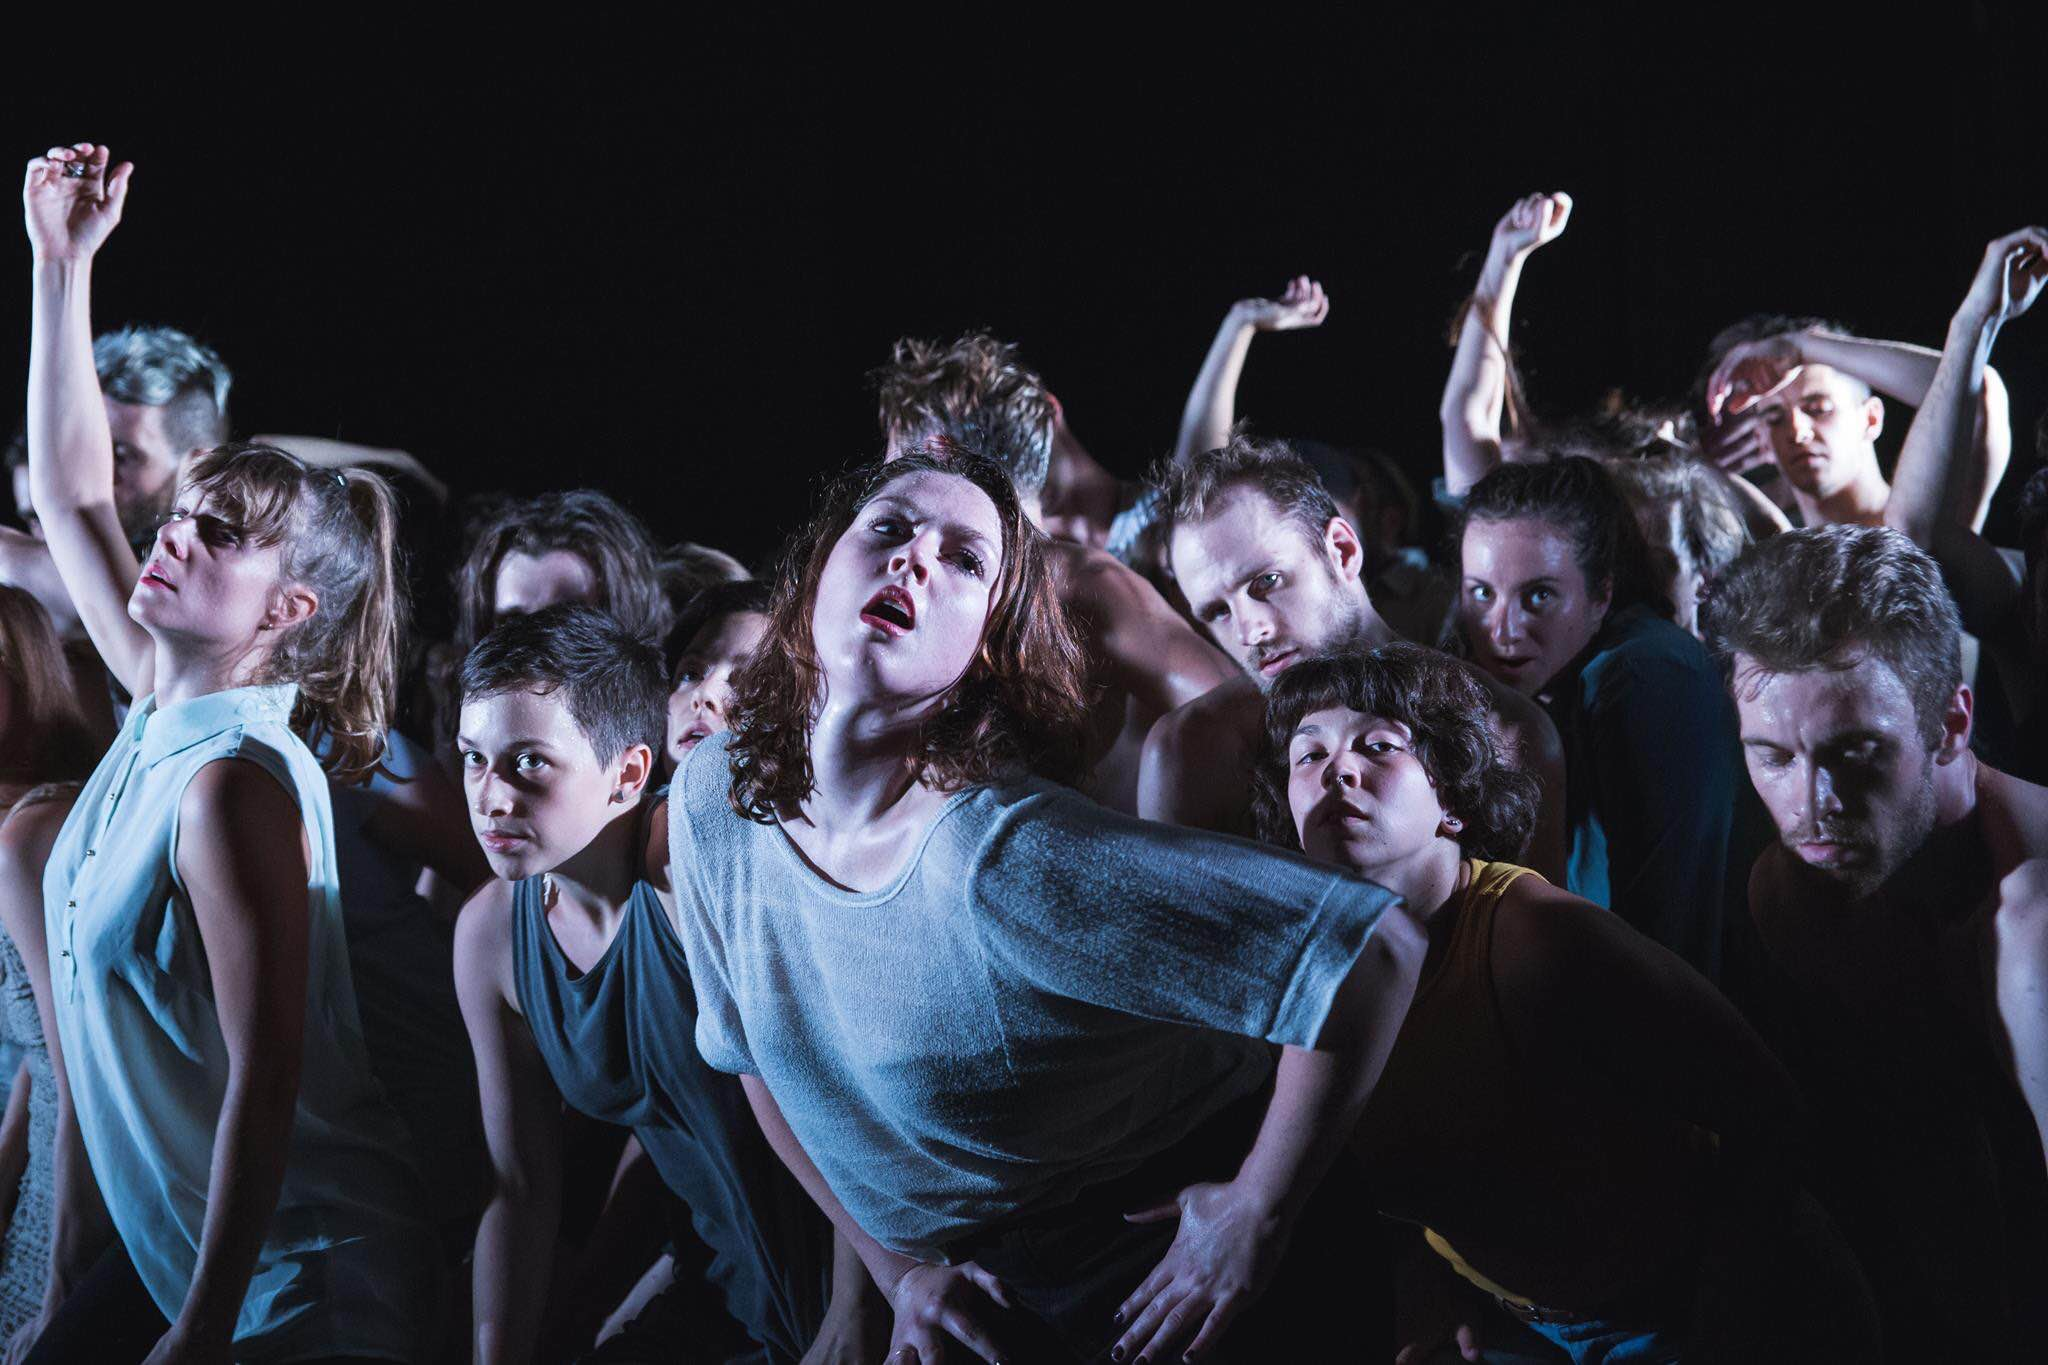 La pièce de théâtre Ma(g)ma a été présentée au festival Zone Homa 2015. Courtoisie Jules Bédard.